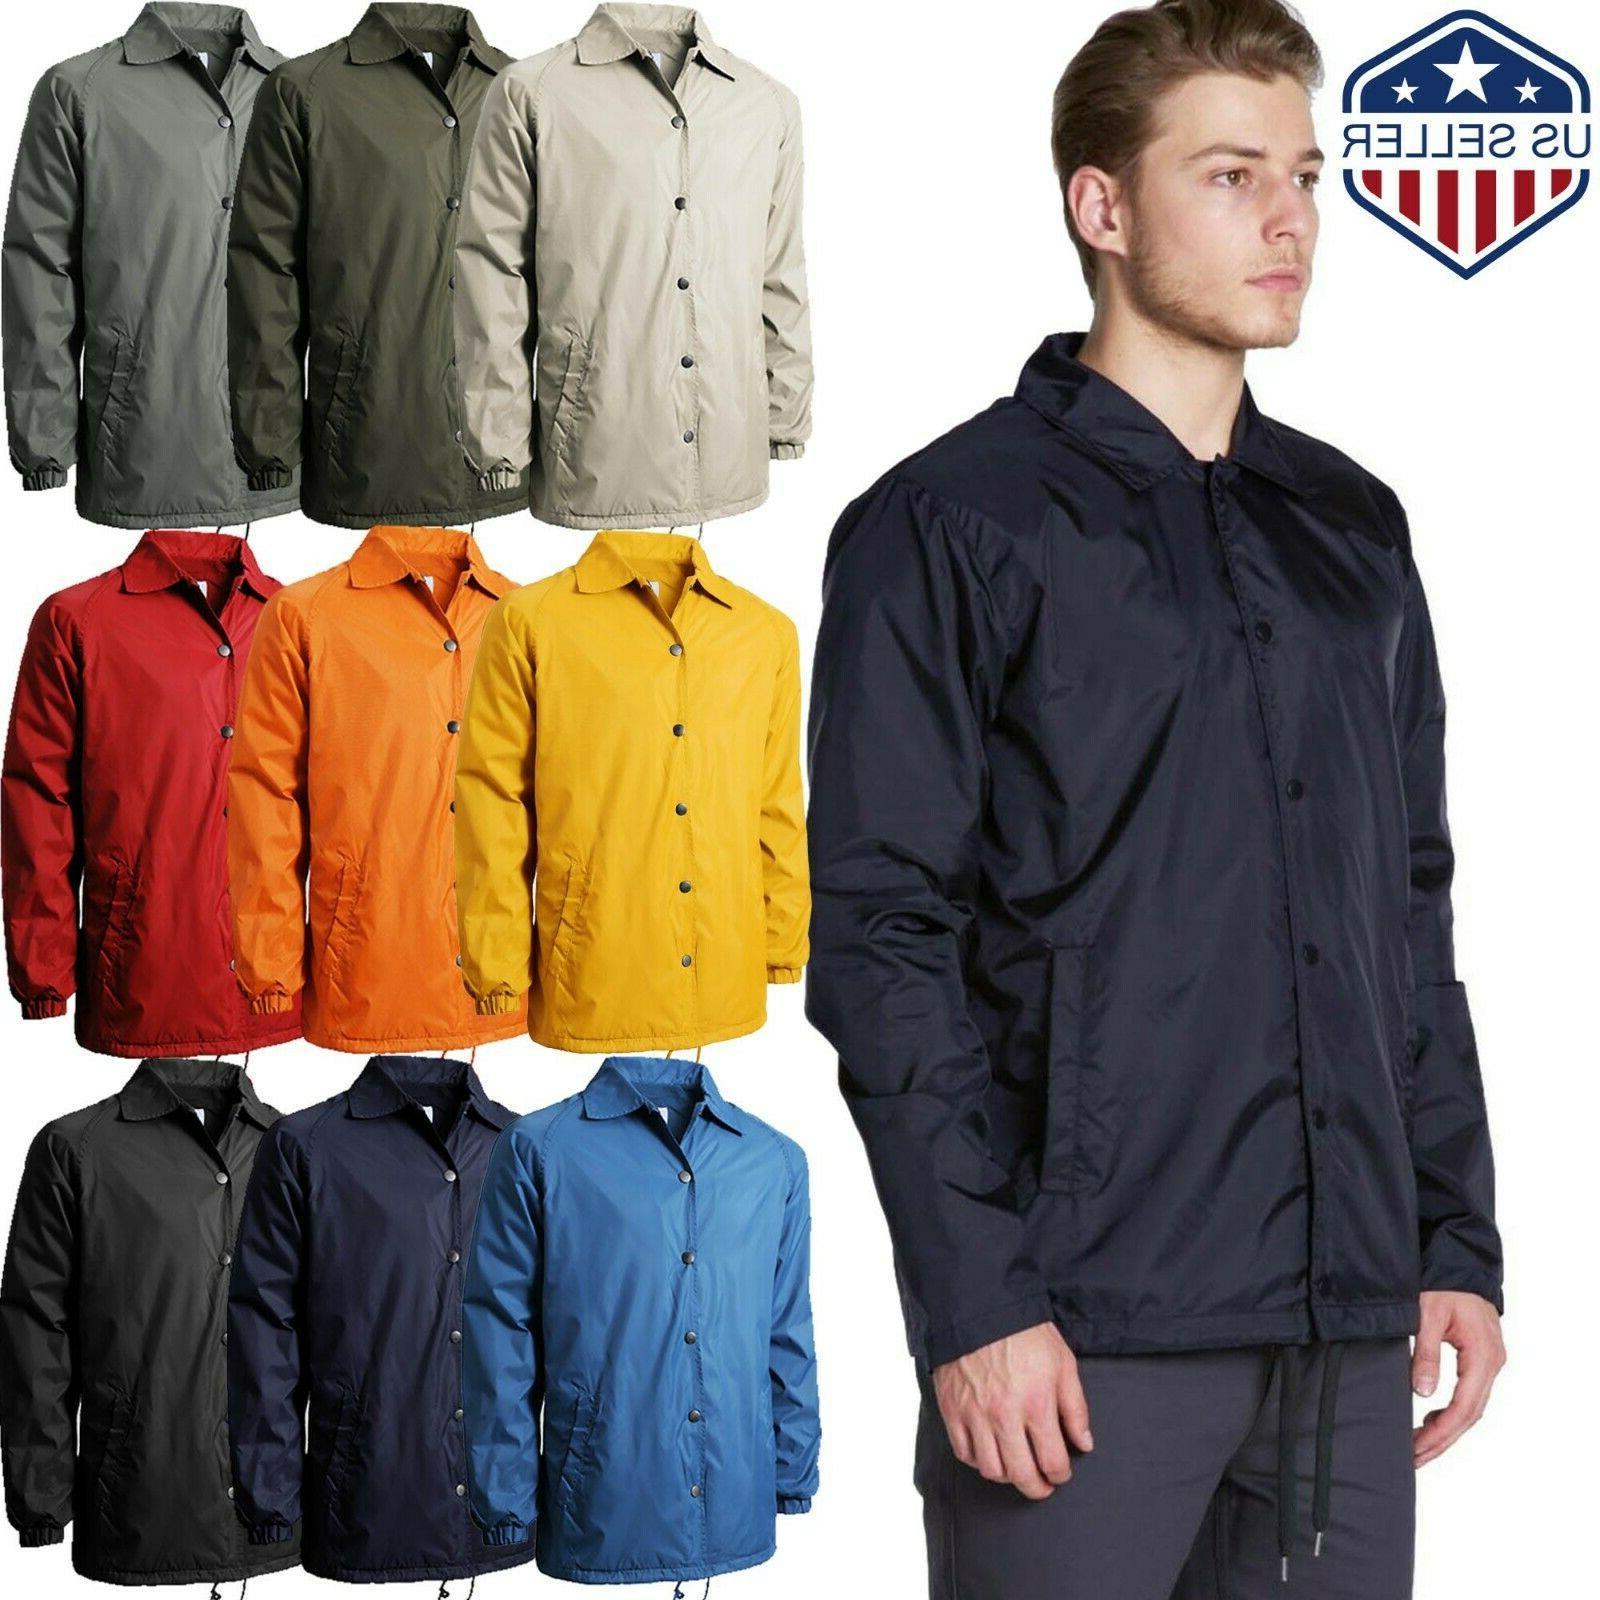 mens coach jacket windbreaker active sportswear lightweight